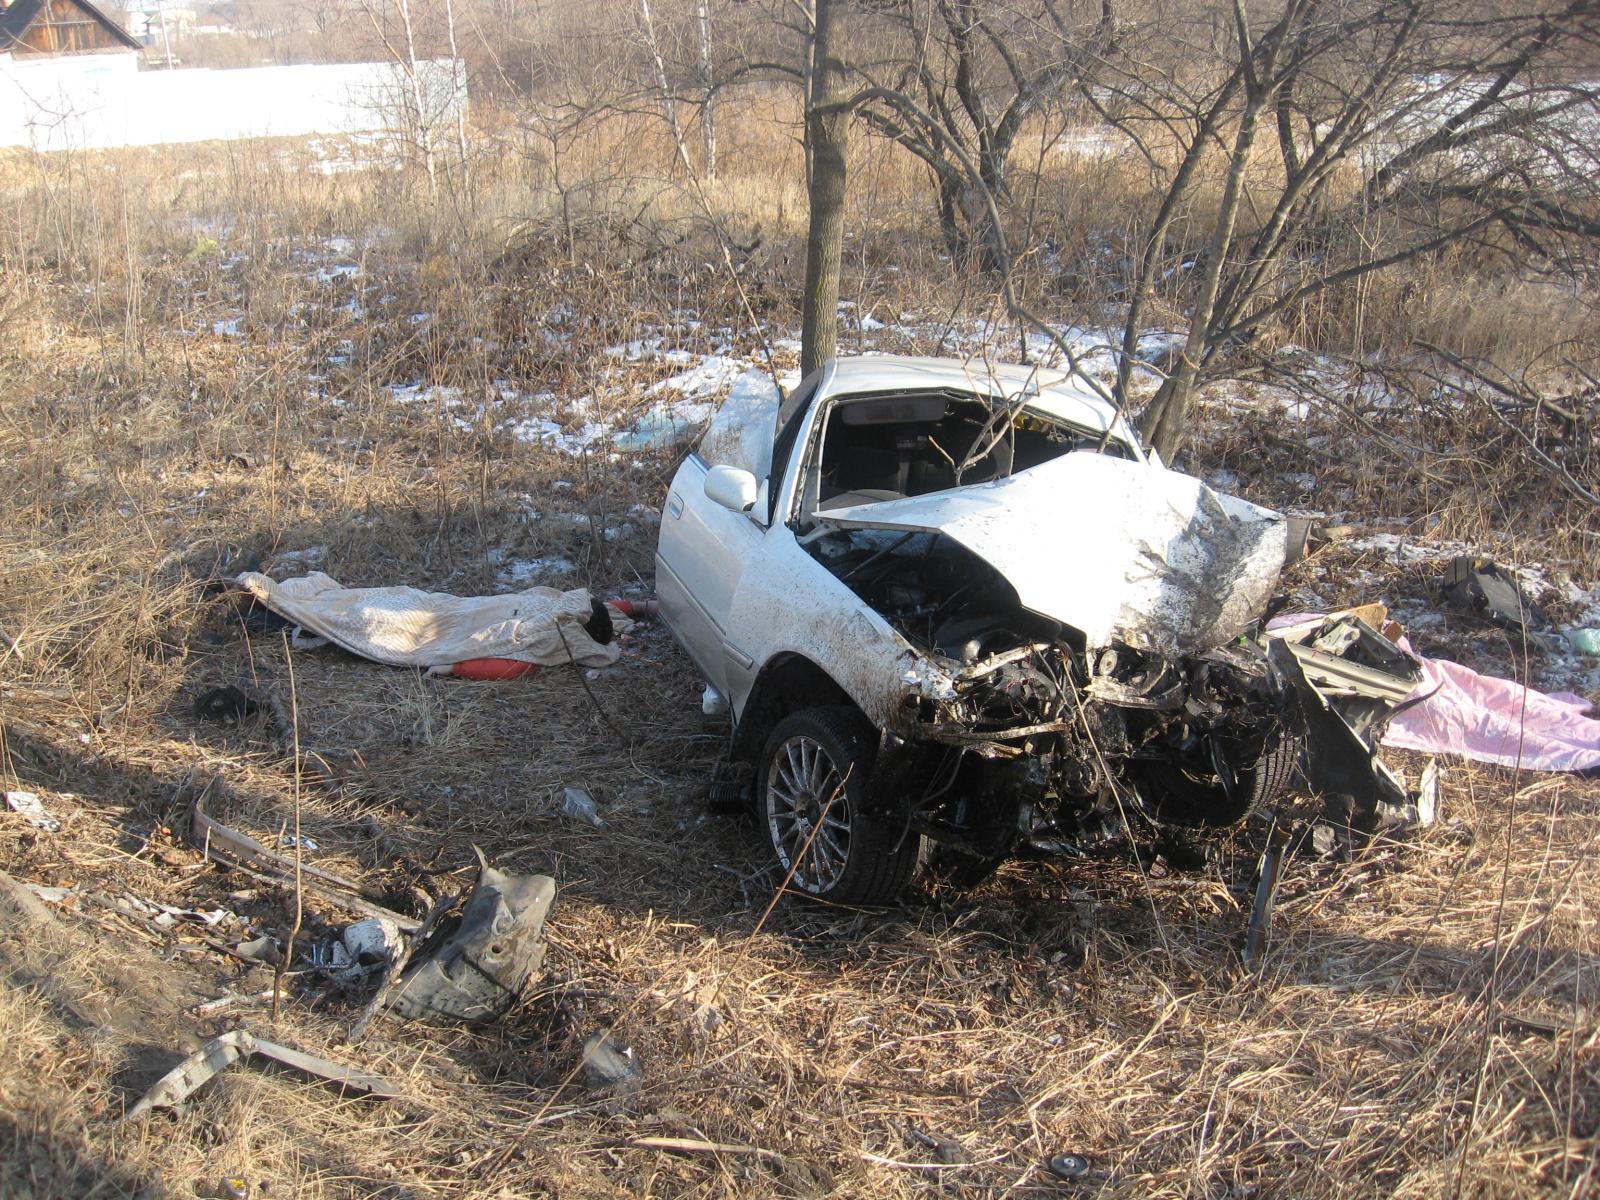 Авария произошла на трассе, ведущей в кадалу жигули, движение, кадала, пассажир, дтп, авария, автобус, трасса, чита